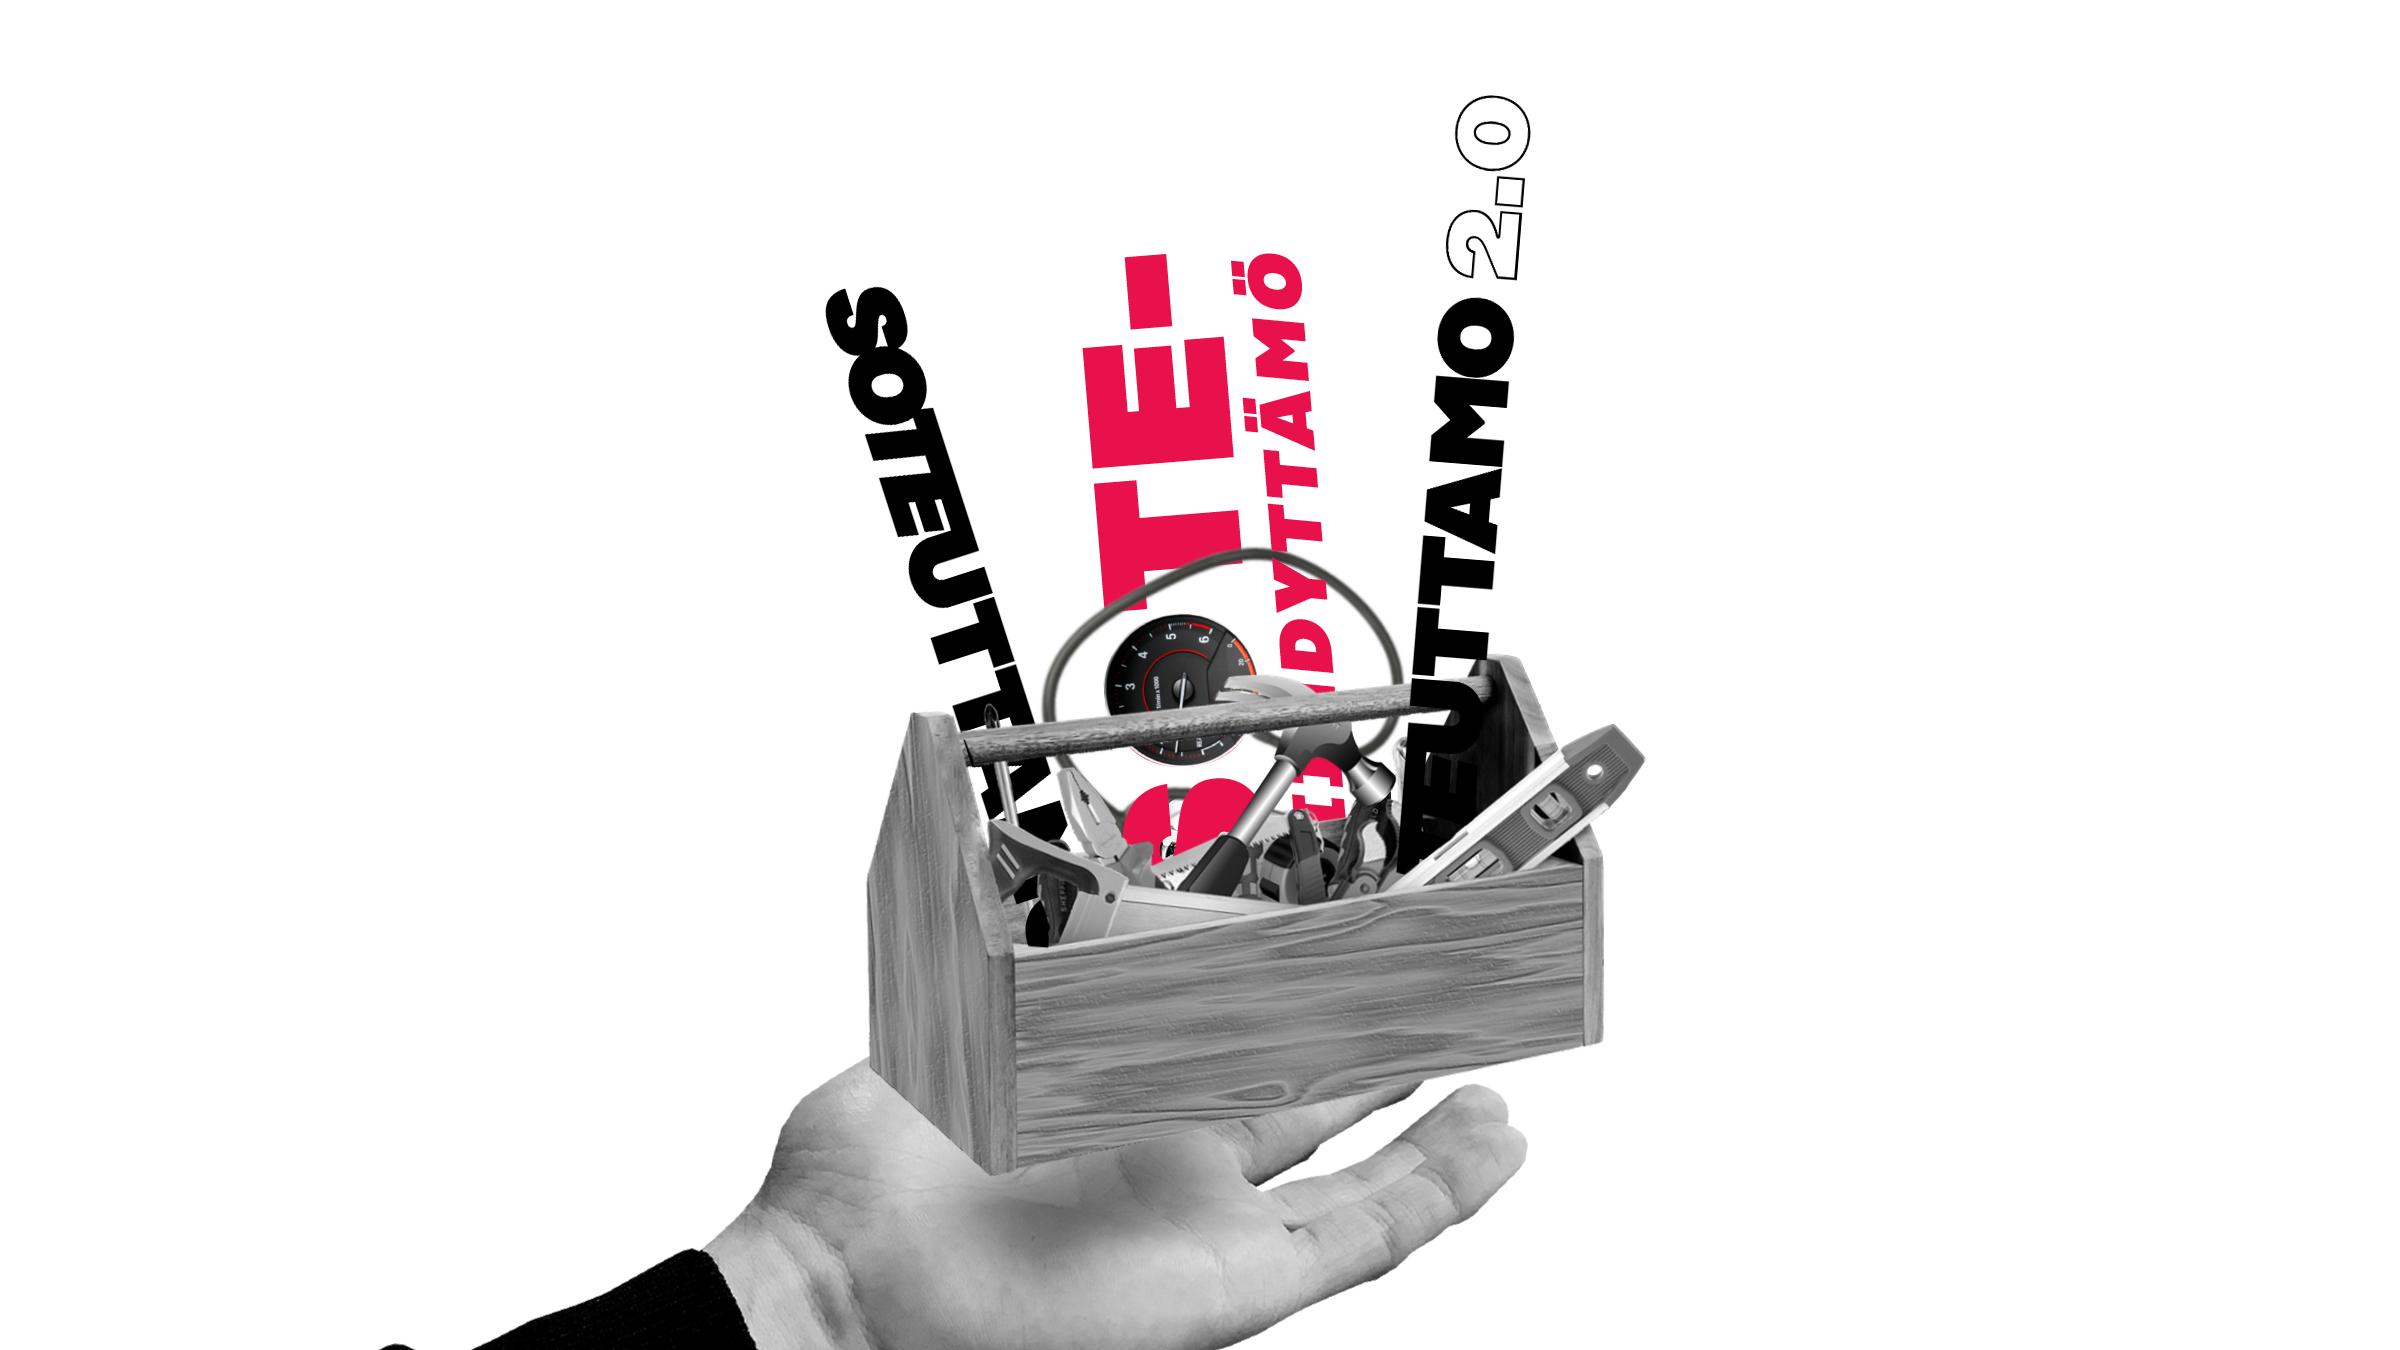 vauhdita-sote-palvelutuotanto-lentoontapahtumakuvailman-logoja17-4-2019